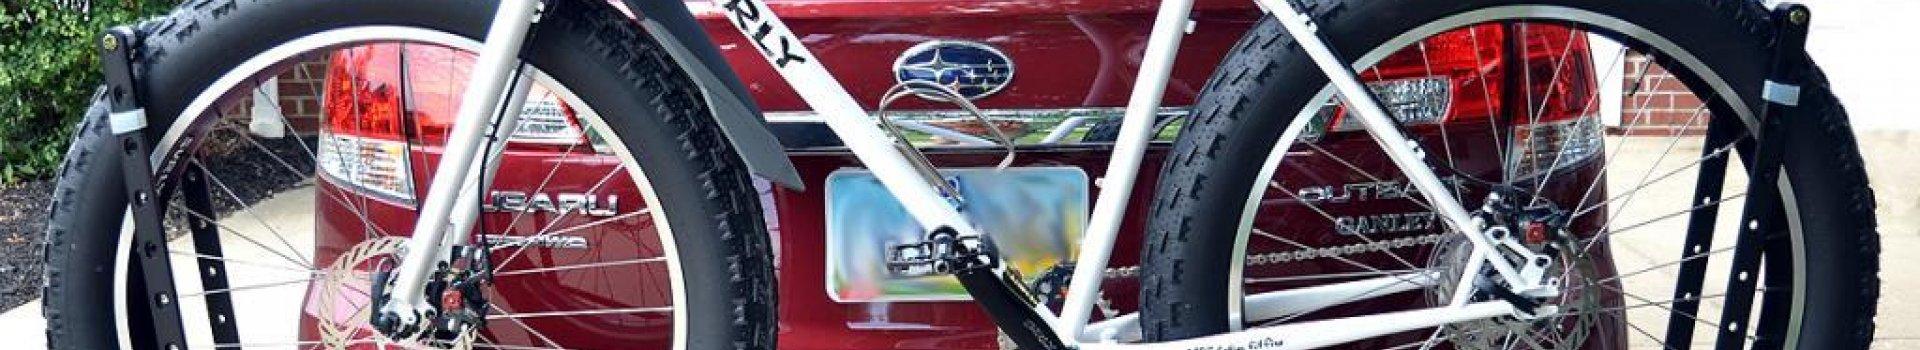 Przewożenie rowerów na haku samochodowym - nareszcie zgodne z przepisami